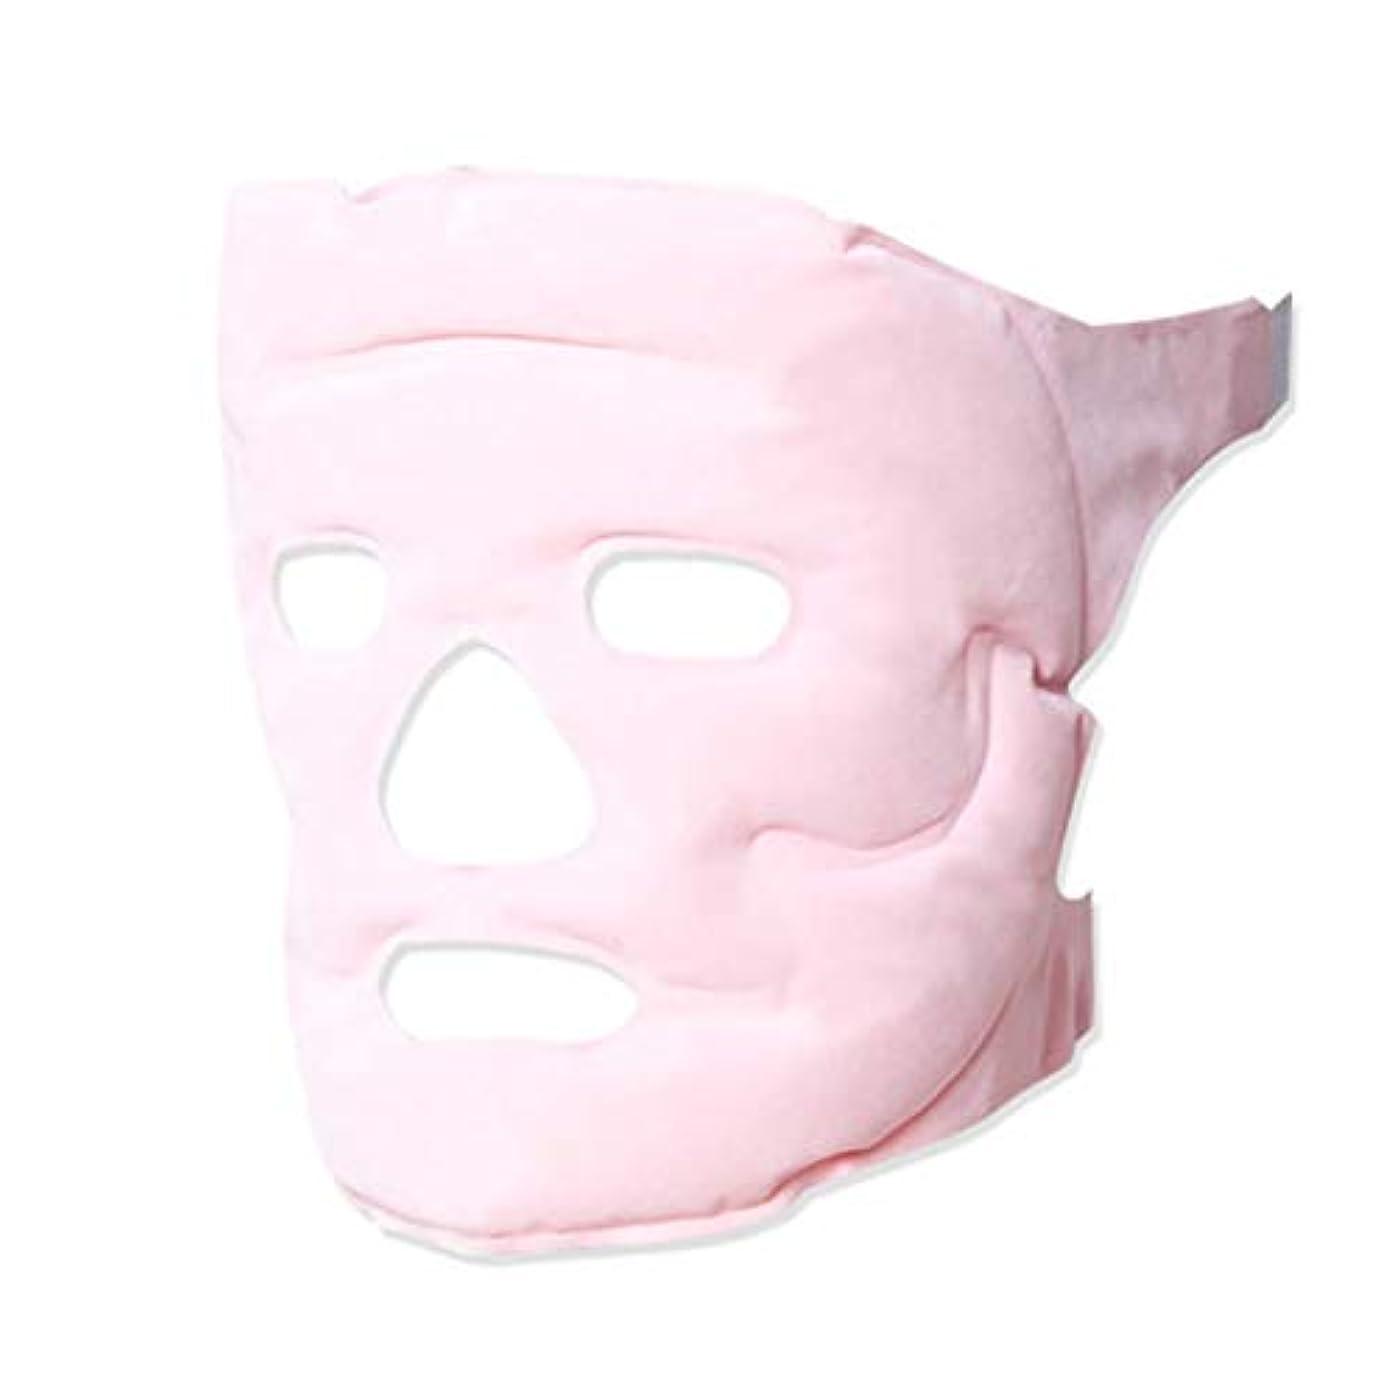 策定するたまに写真のvフェイスマスク睡眠薄い顔で美容マスク磁気療法リフティングフェイシャル引き締め判決パターン包帯アーティファクトピンク